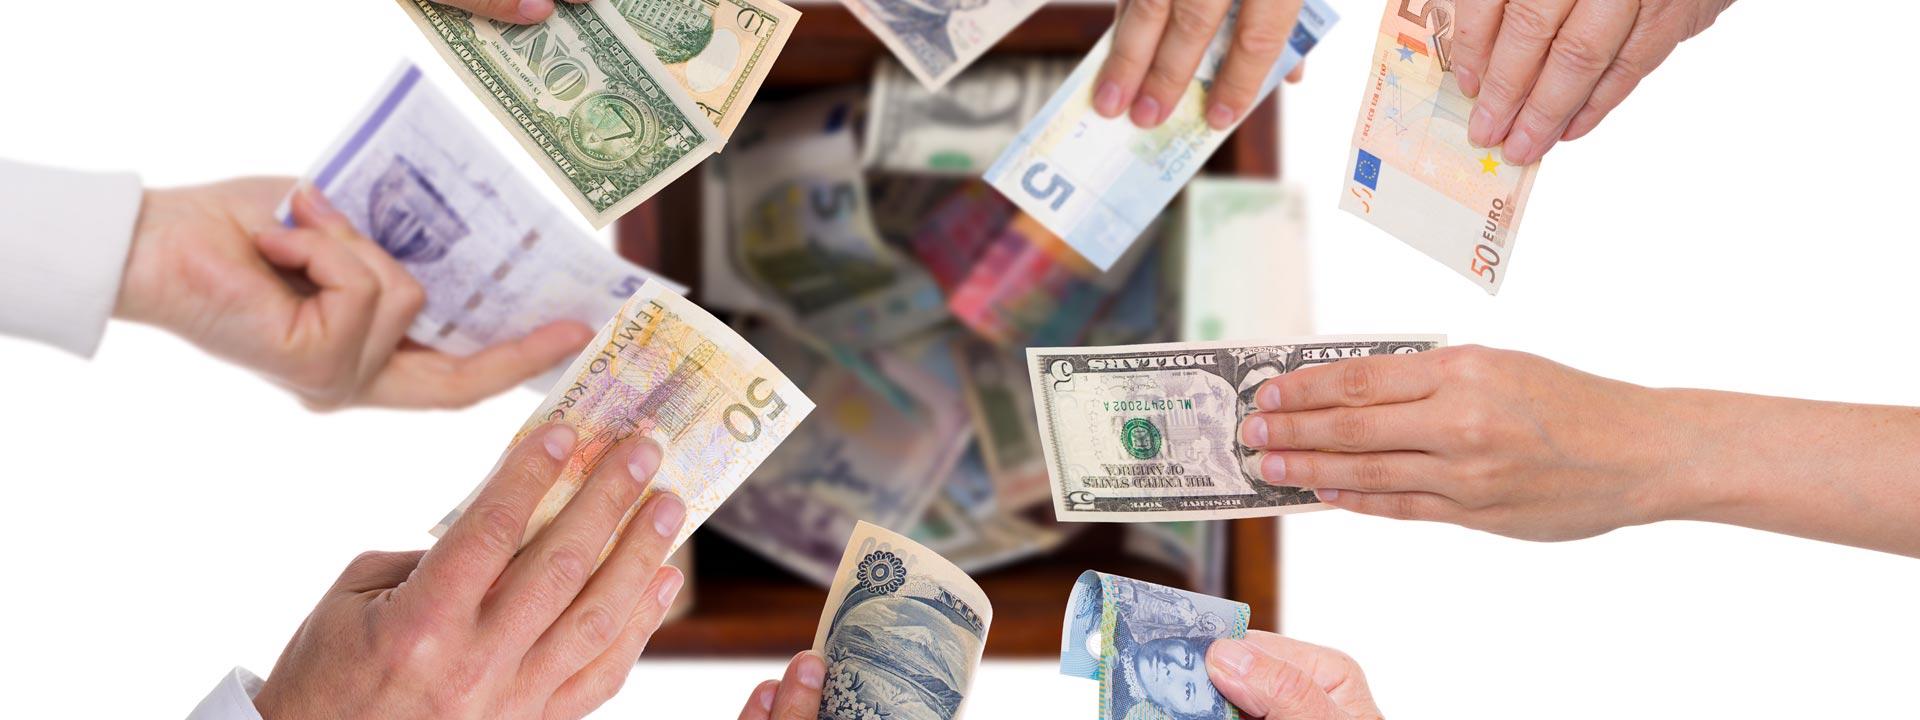 Cevi consulting: asesoría para subvenciones en Madrid